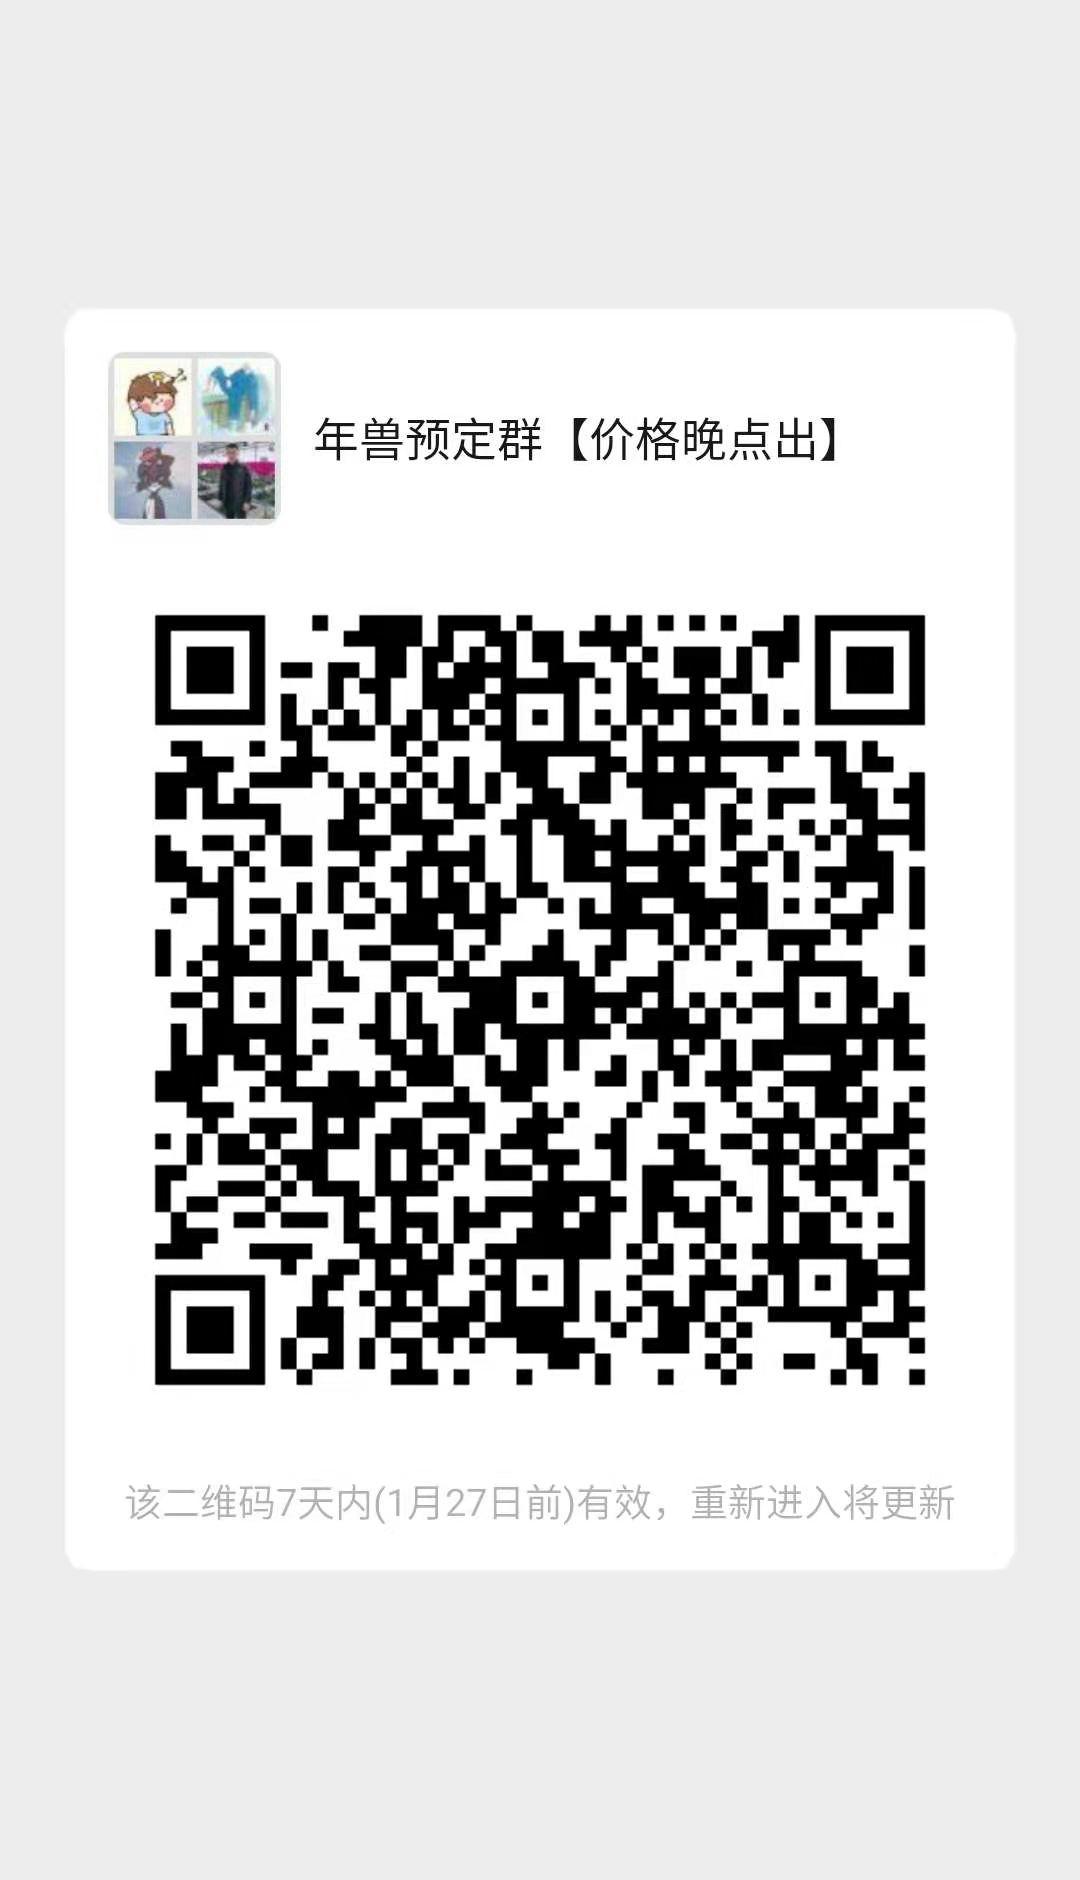 微信图片_20210120122117.jpg